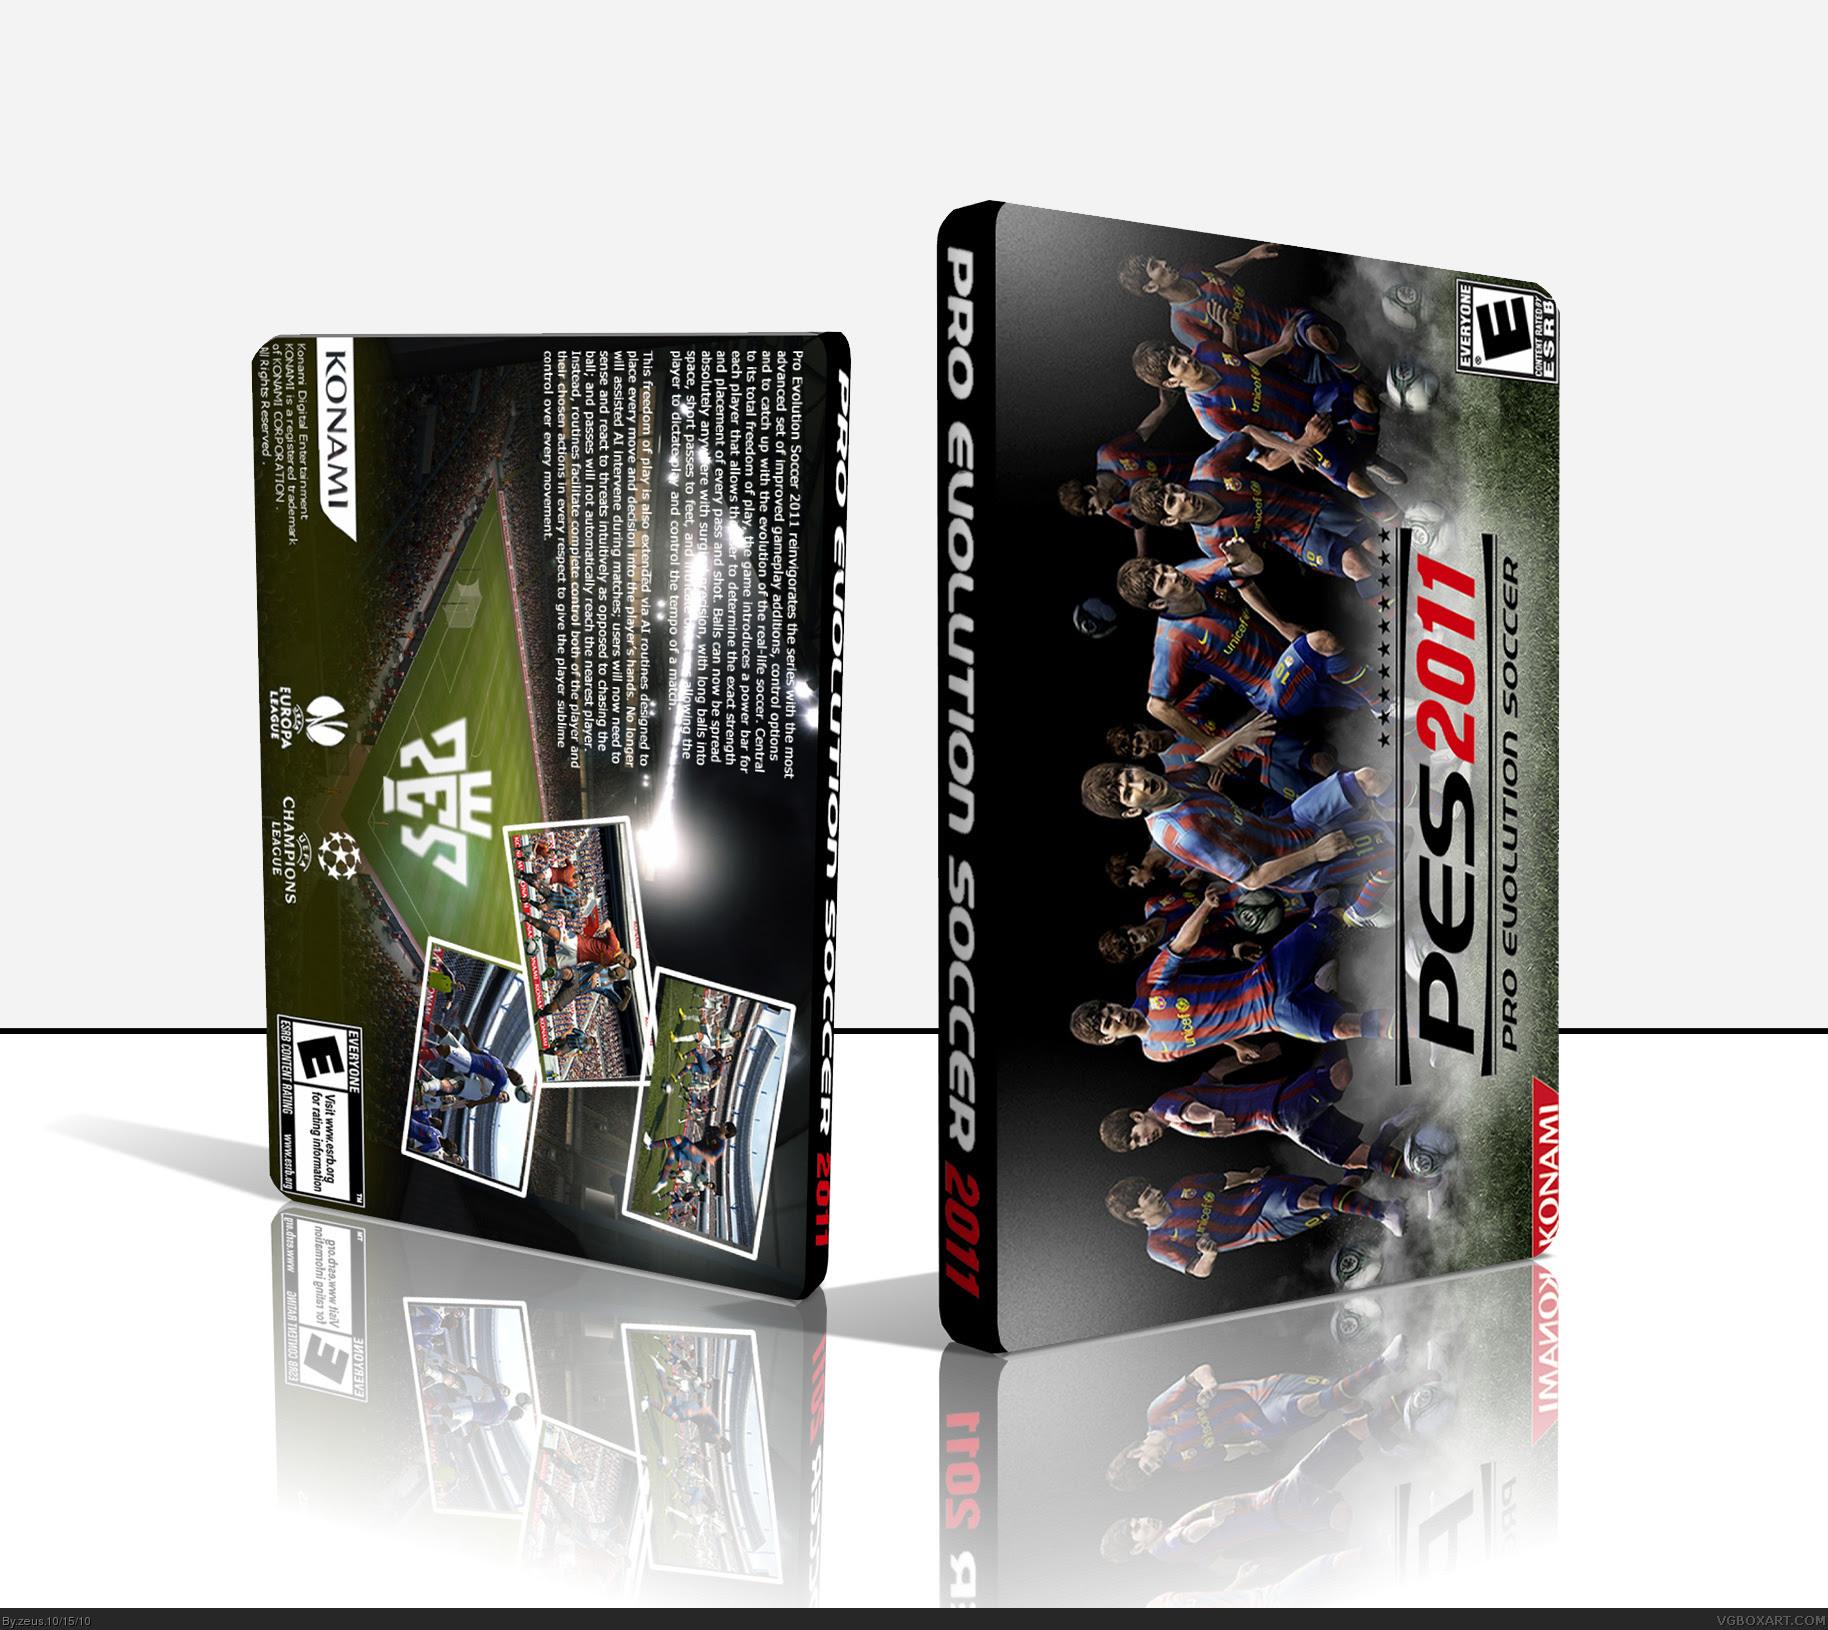 Serial number Pro Evolution Soccer 2011 yang wajib diketahui